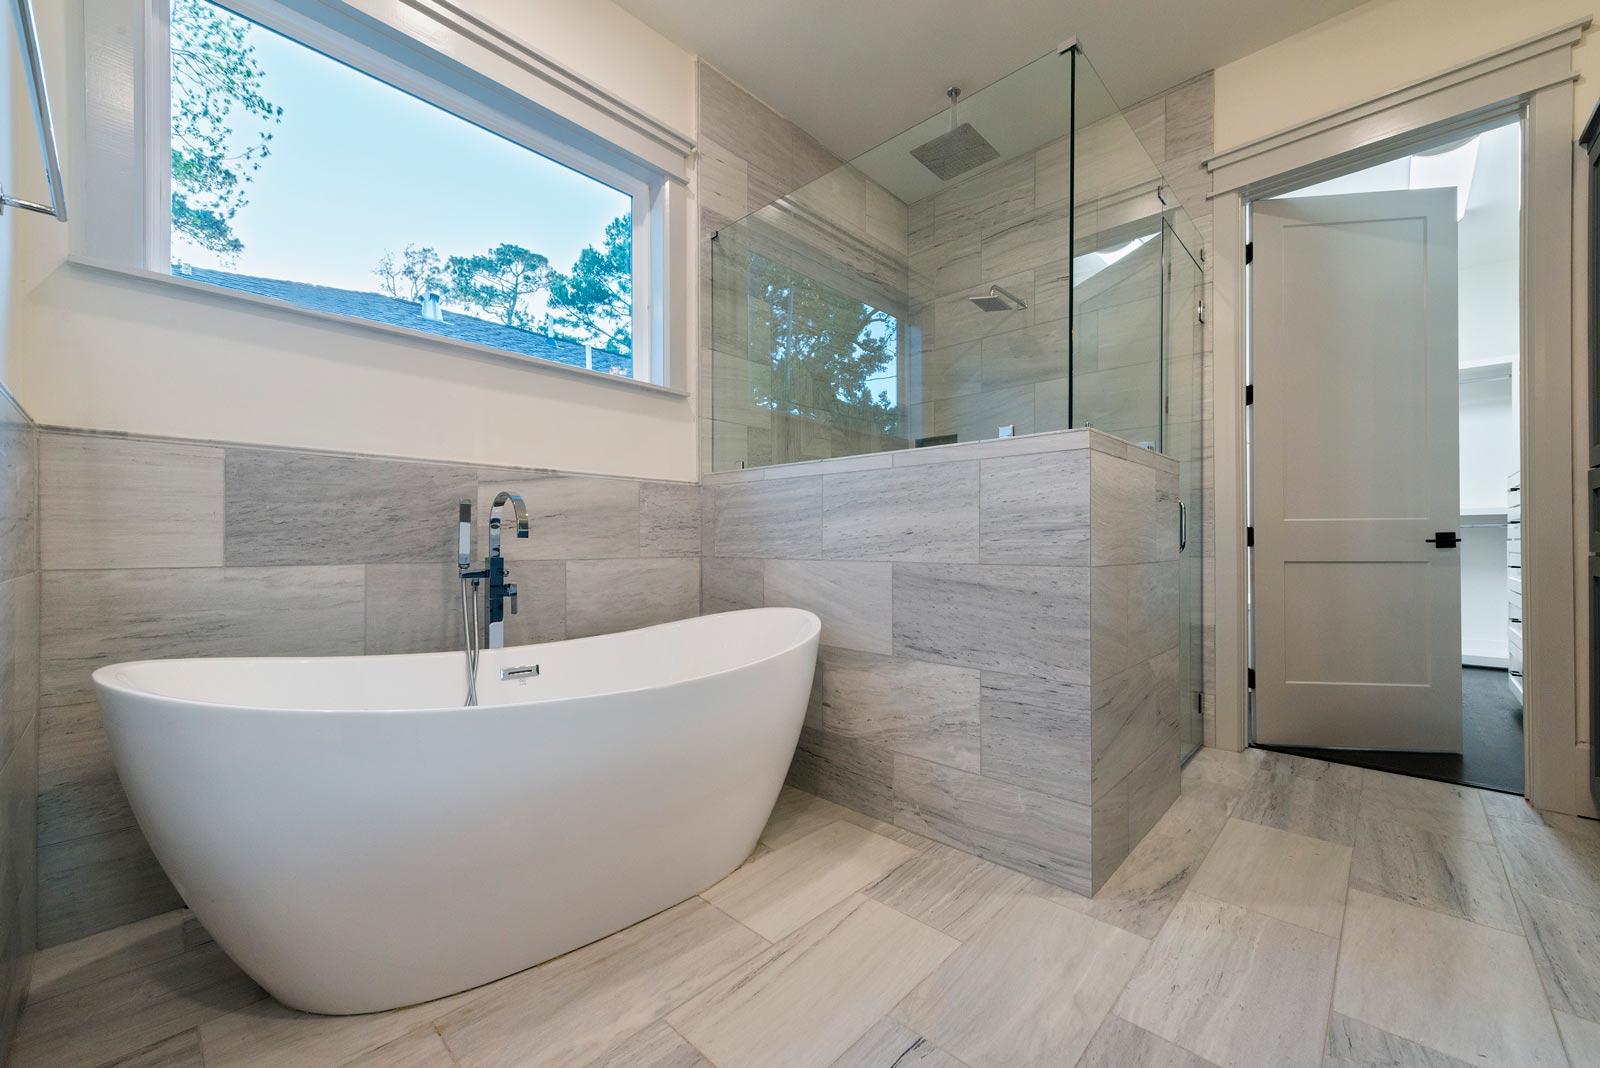 Houston-Homebuilder-Custom-Homebuilder-Central-Houston-Homebuilder-Oak-Forest-Homebuilder-Freestanding-Tub-Gray-Marble-Tile